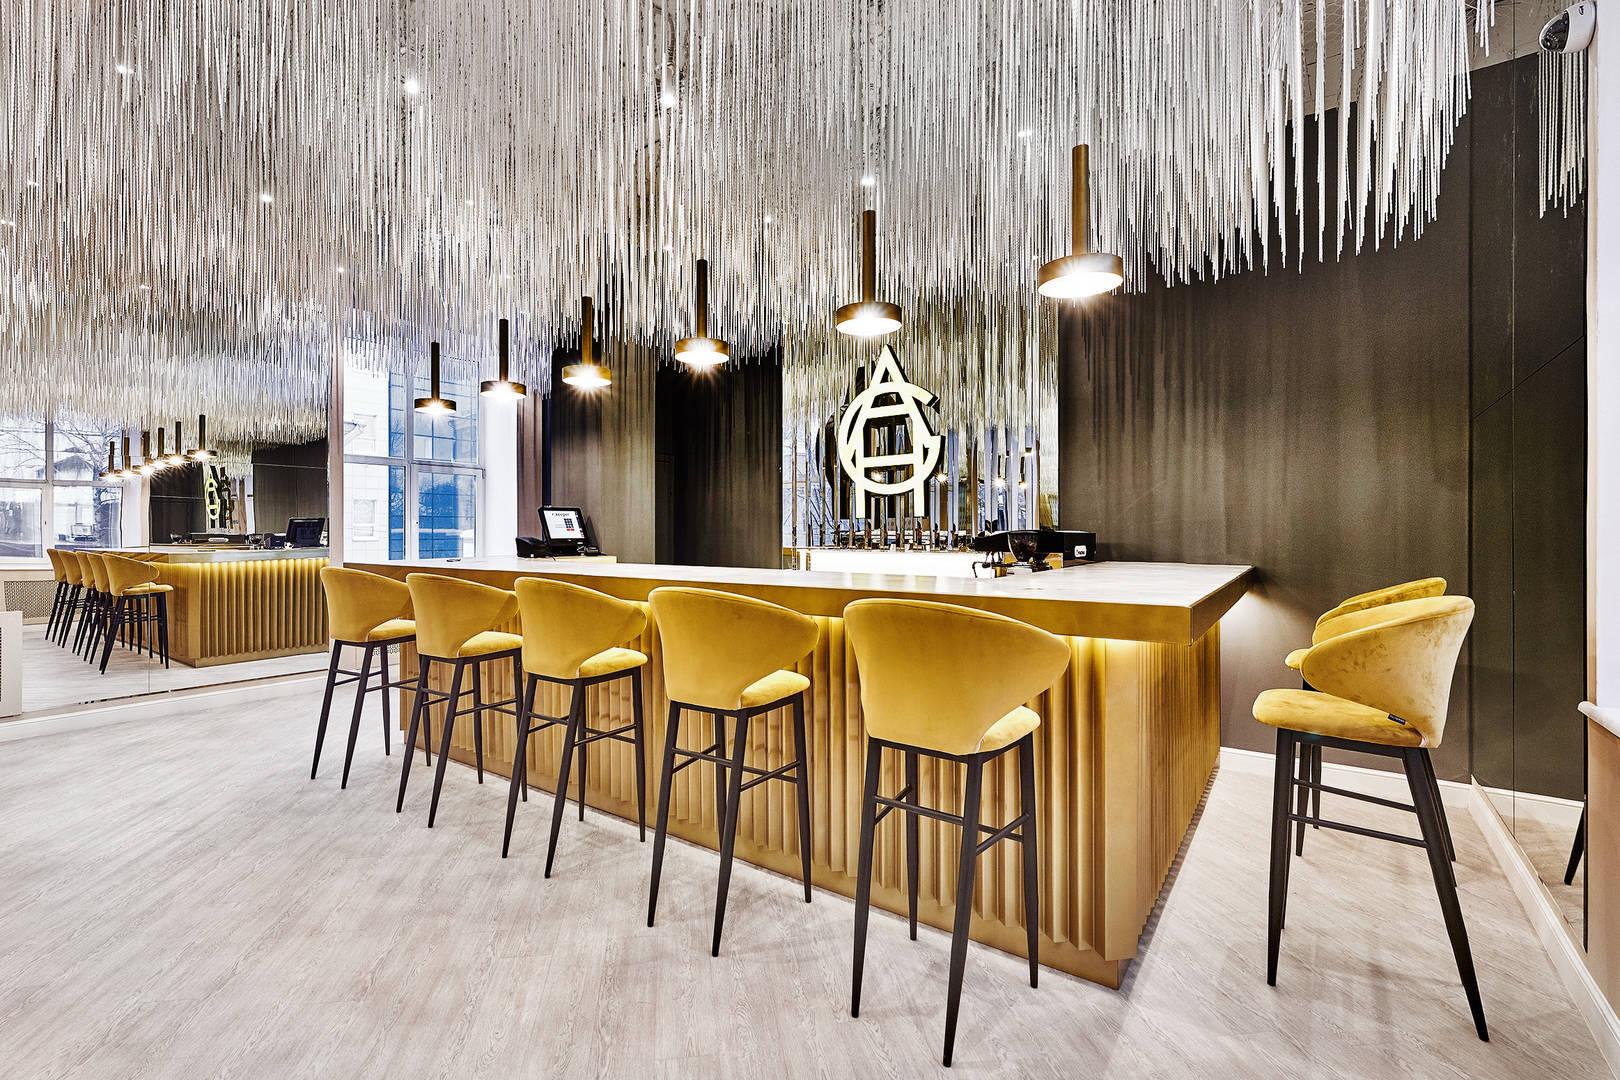 Дизайн студия ALLARSTDESIGN (дизайнер Артемий Саранин), закончила работу над проектом Aura Grand Hall на Урале (г. Пермь).